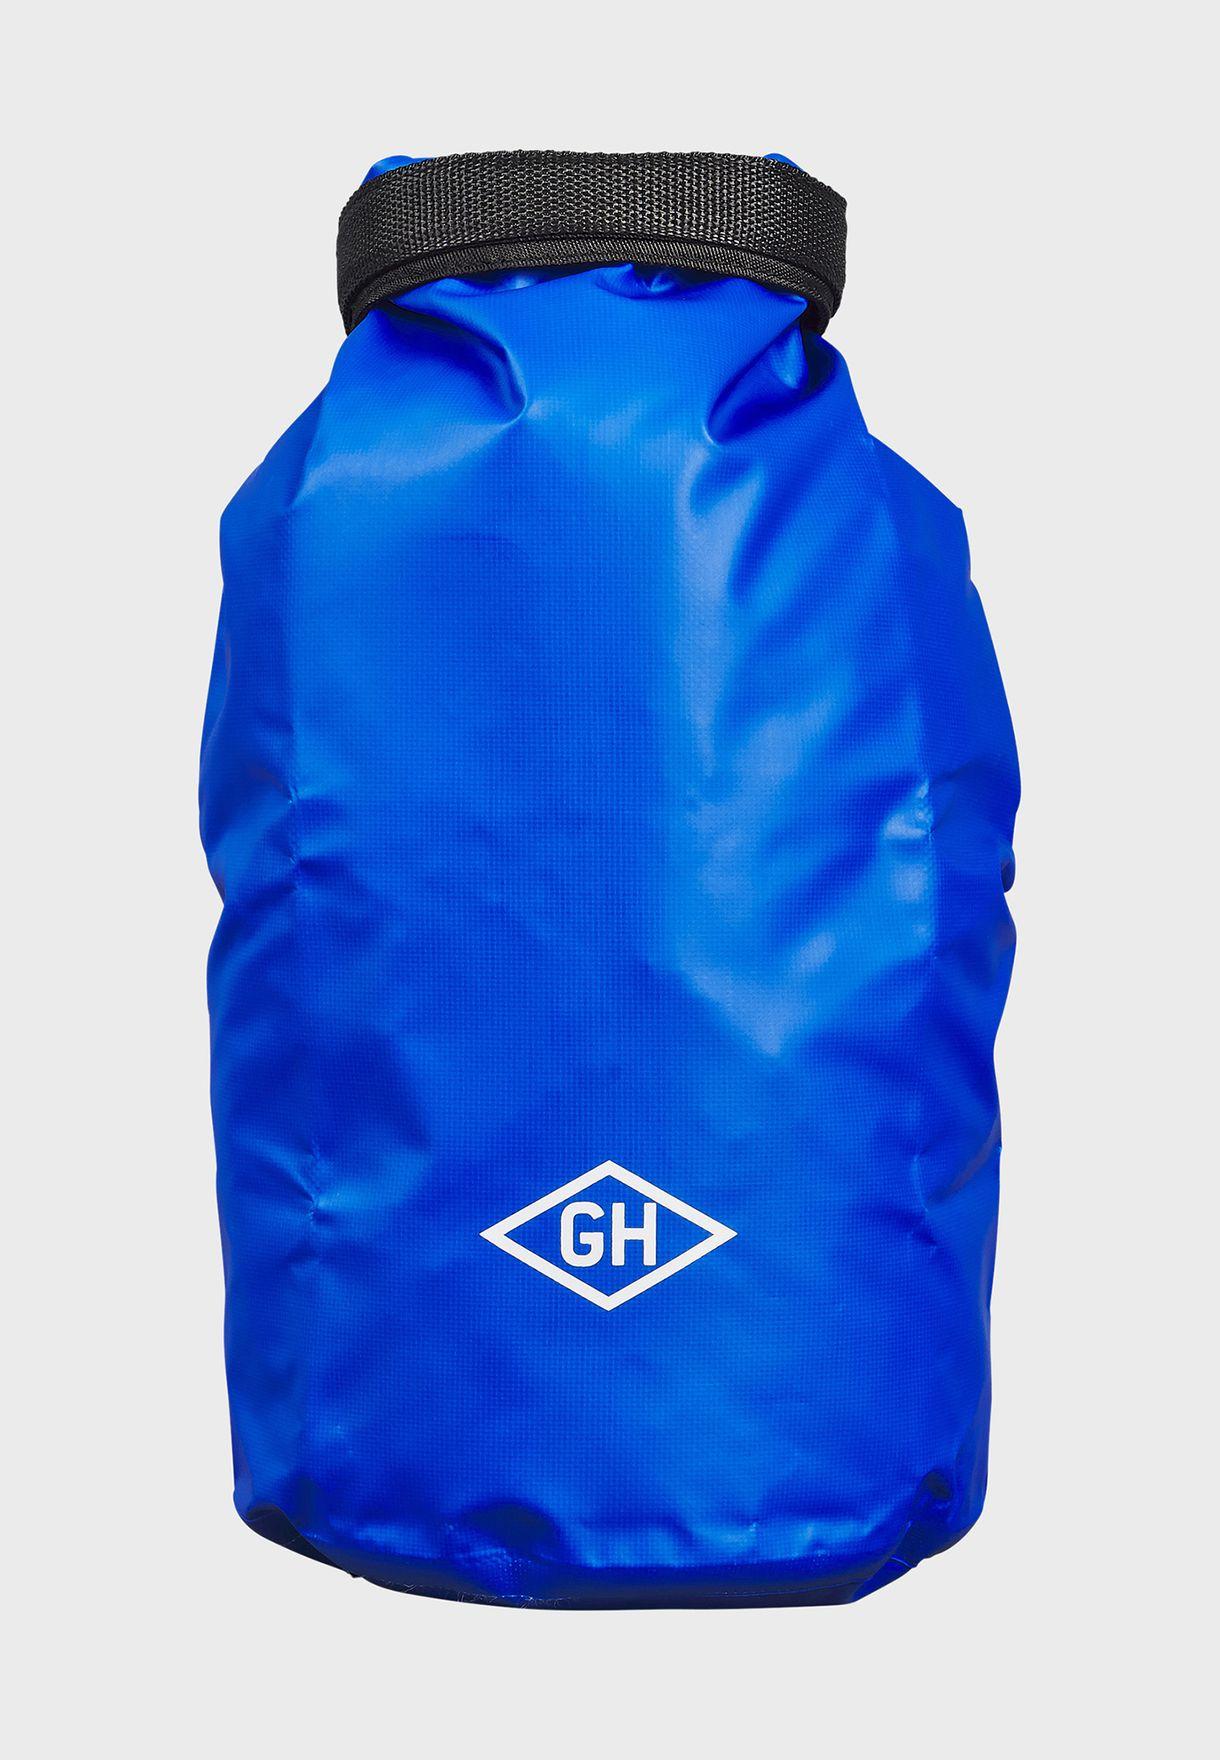 10Ltr Waterproof Dry Bag